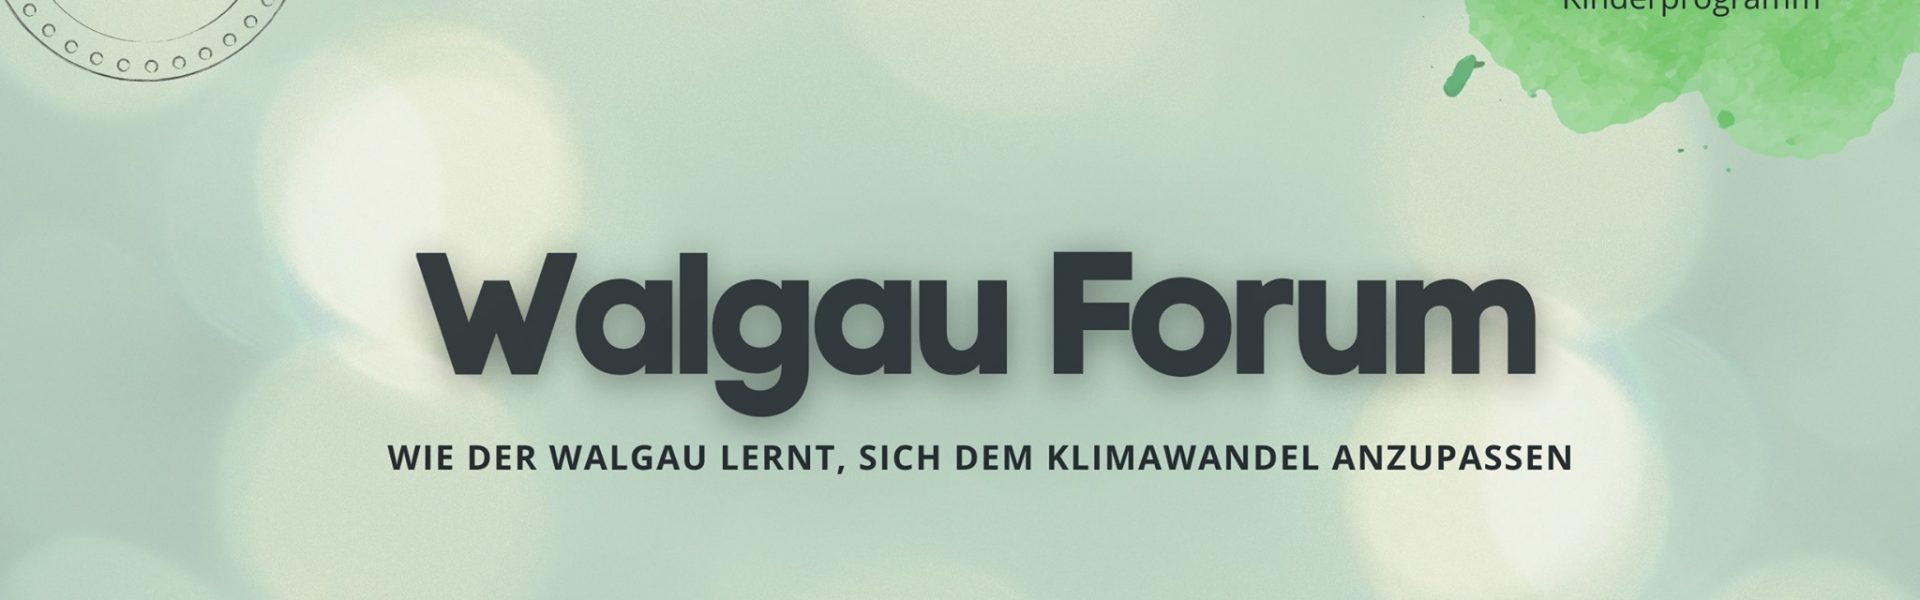 Walgau Forum